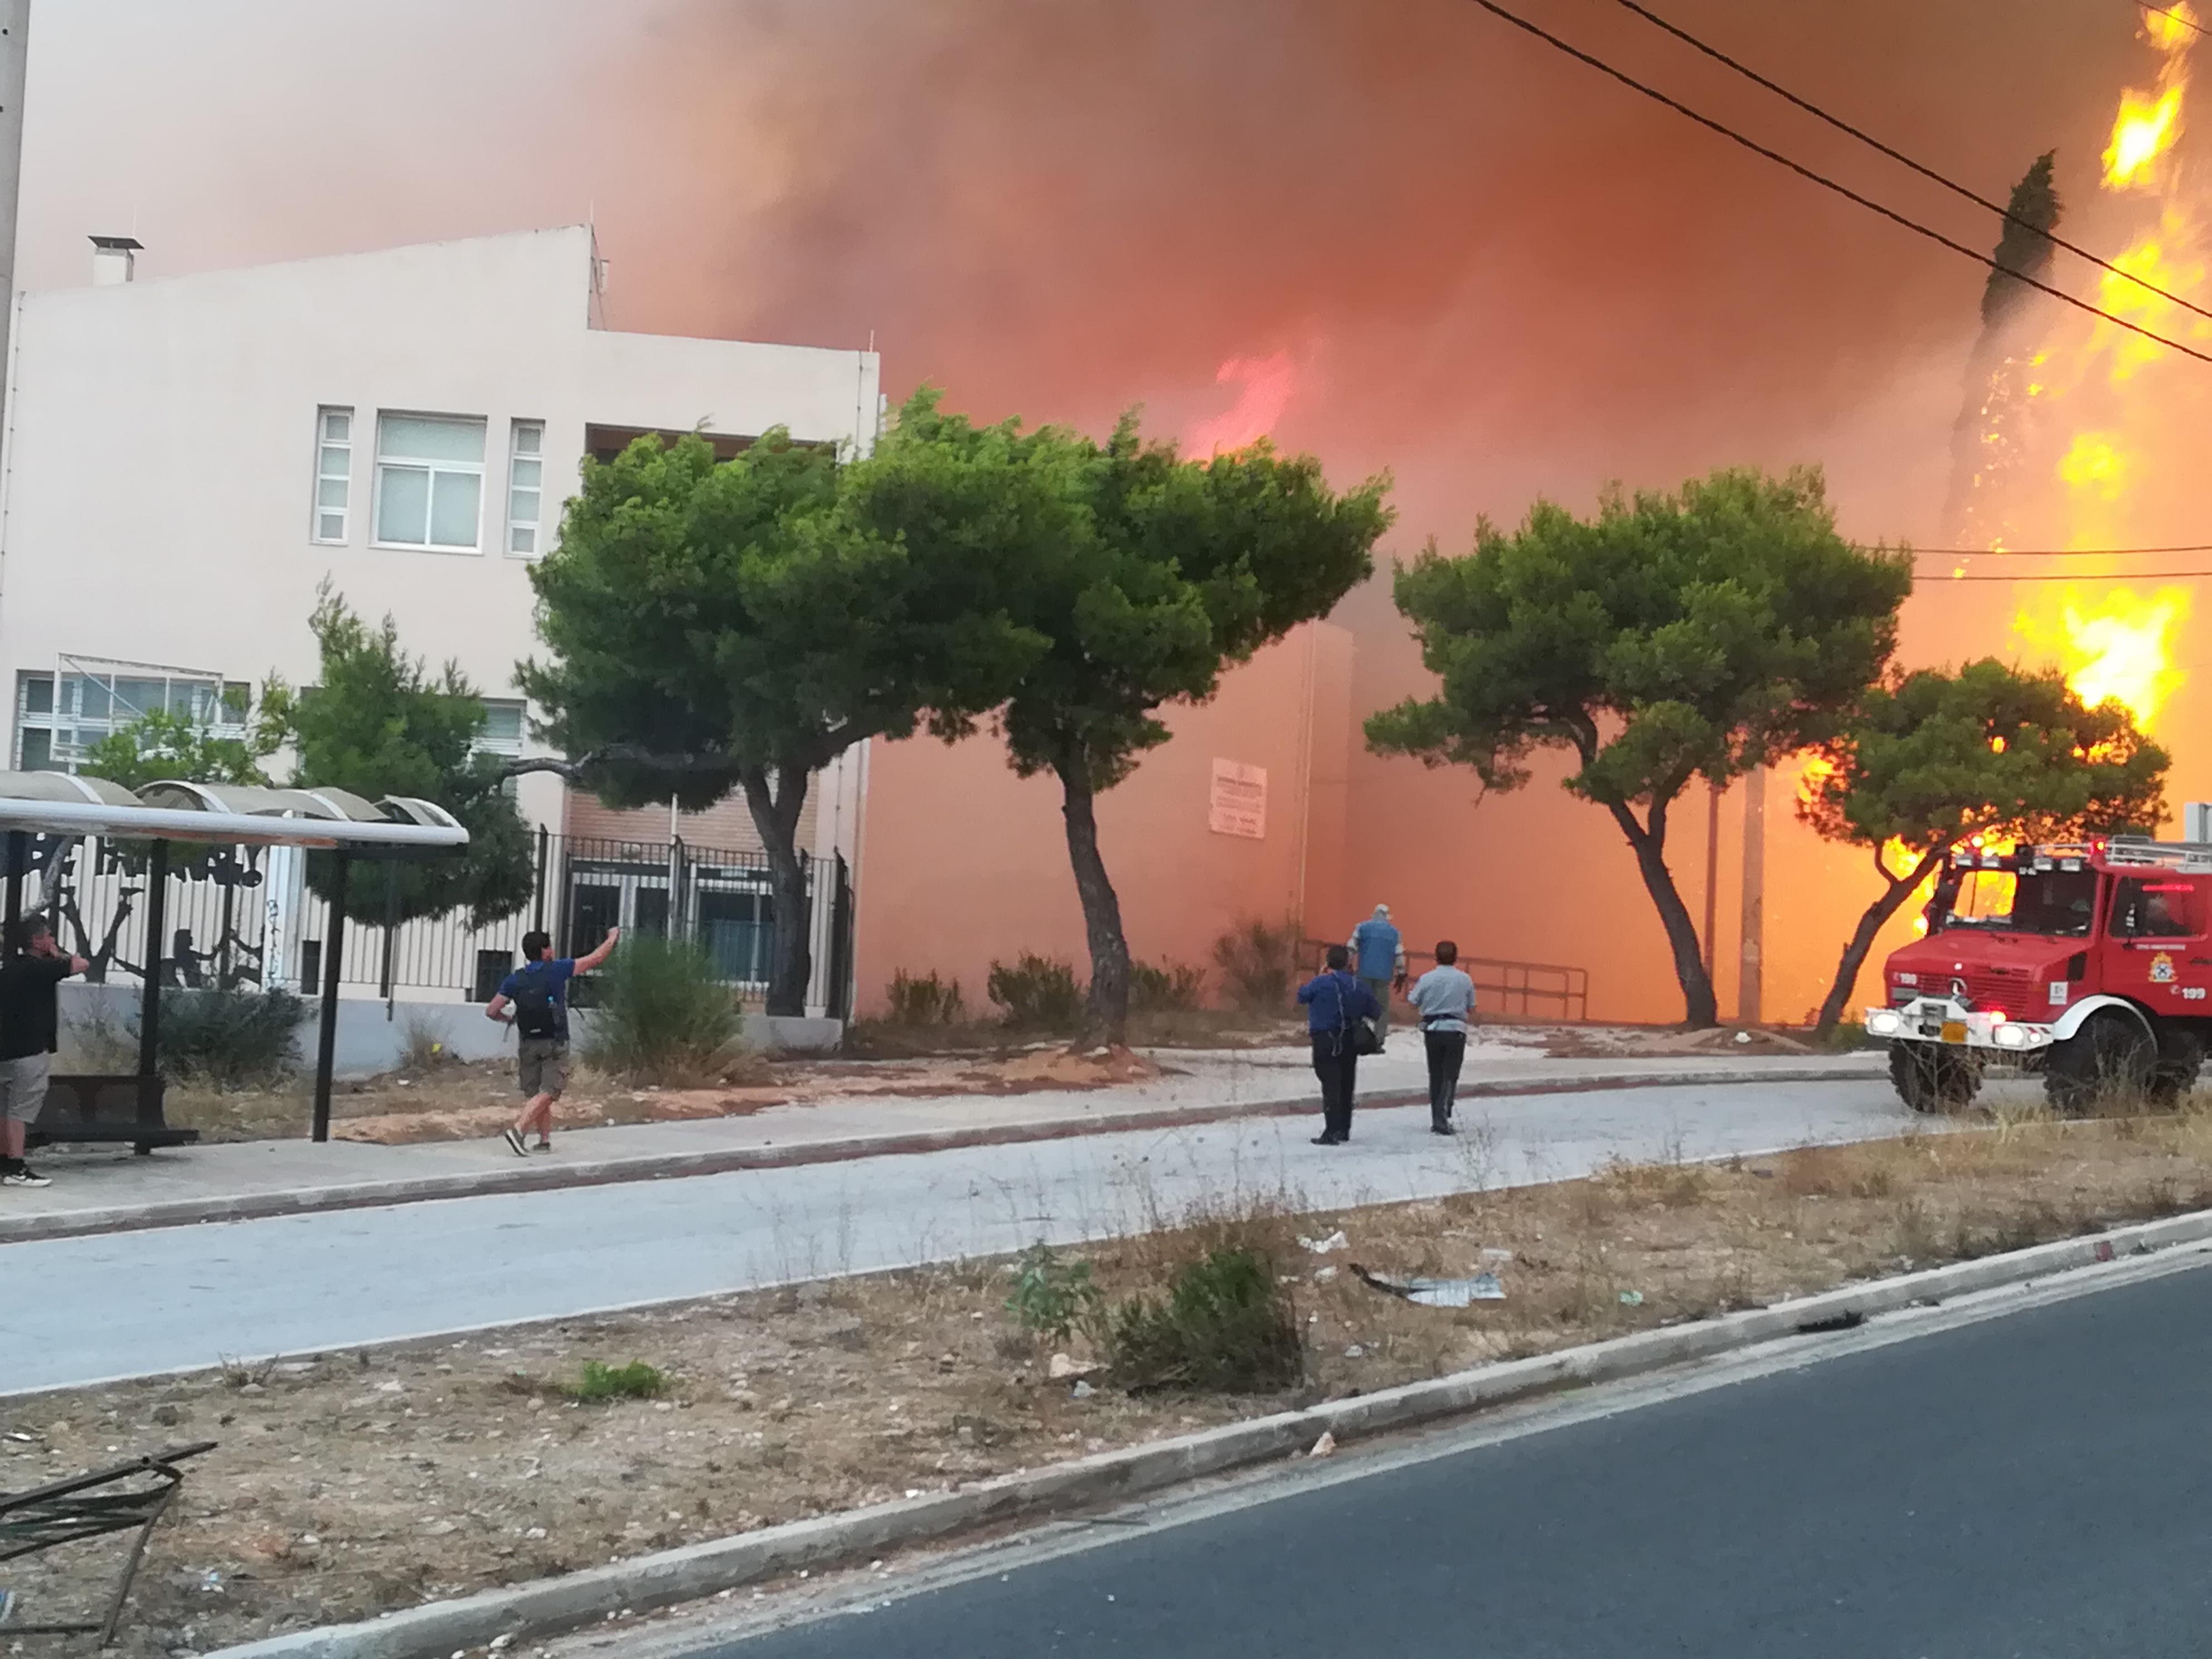 eikones-oloklirotikis-katastrofis-apo-tis-pyrkagies-foto-amp-8211-vinteo29